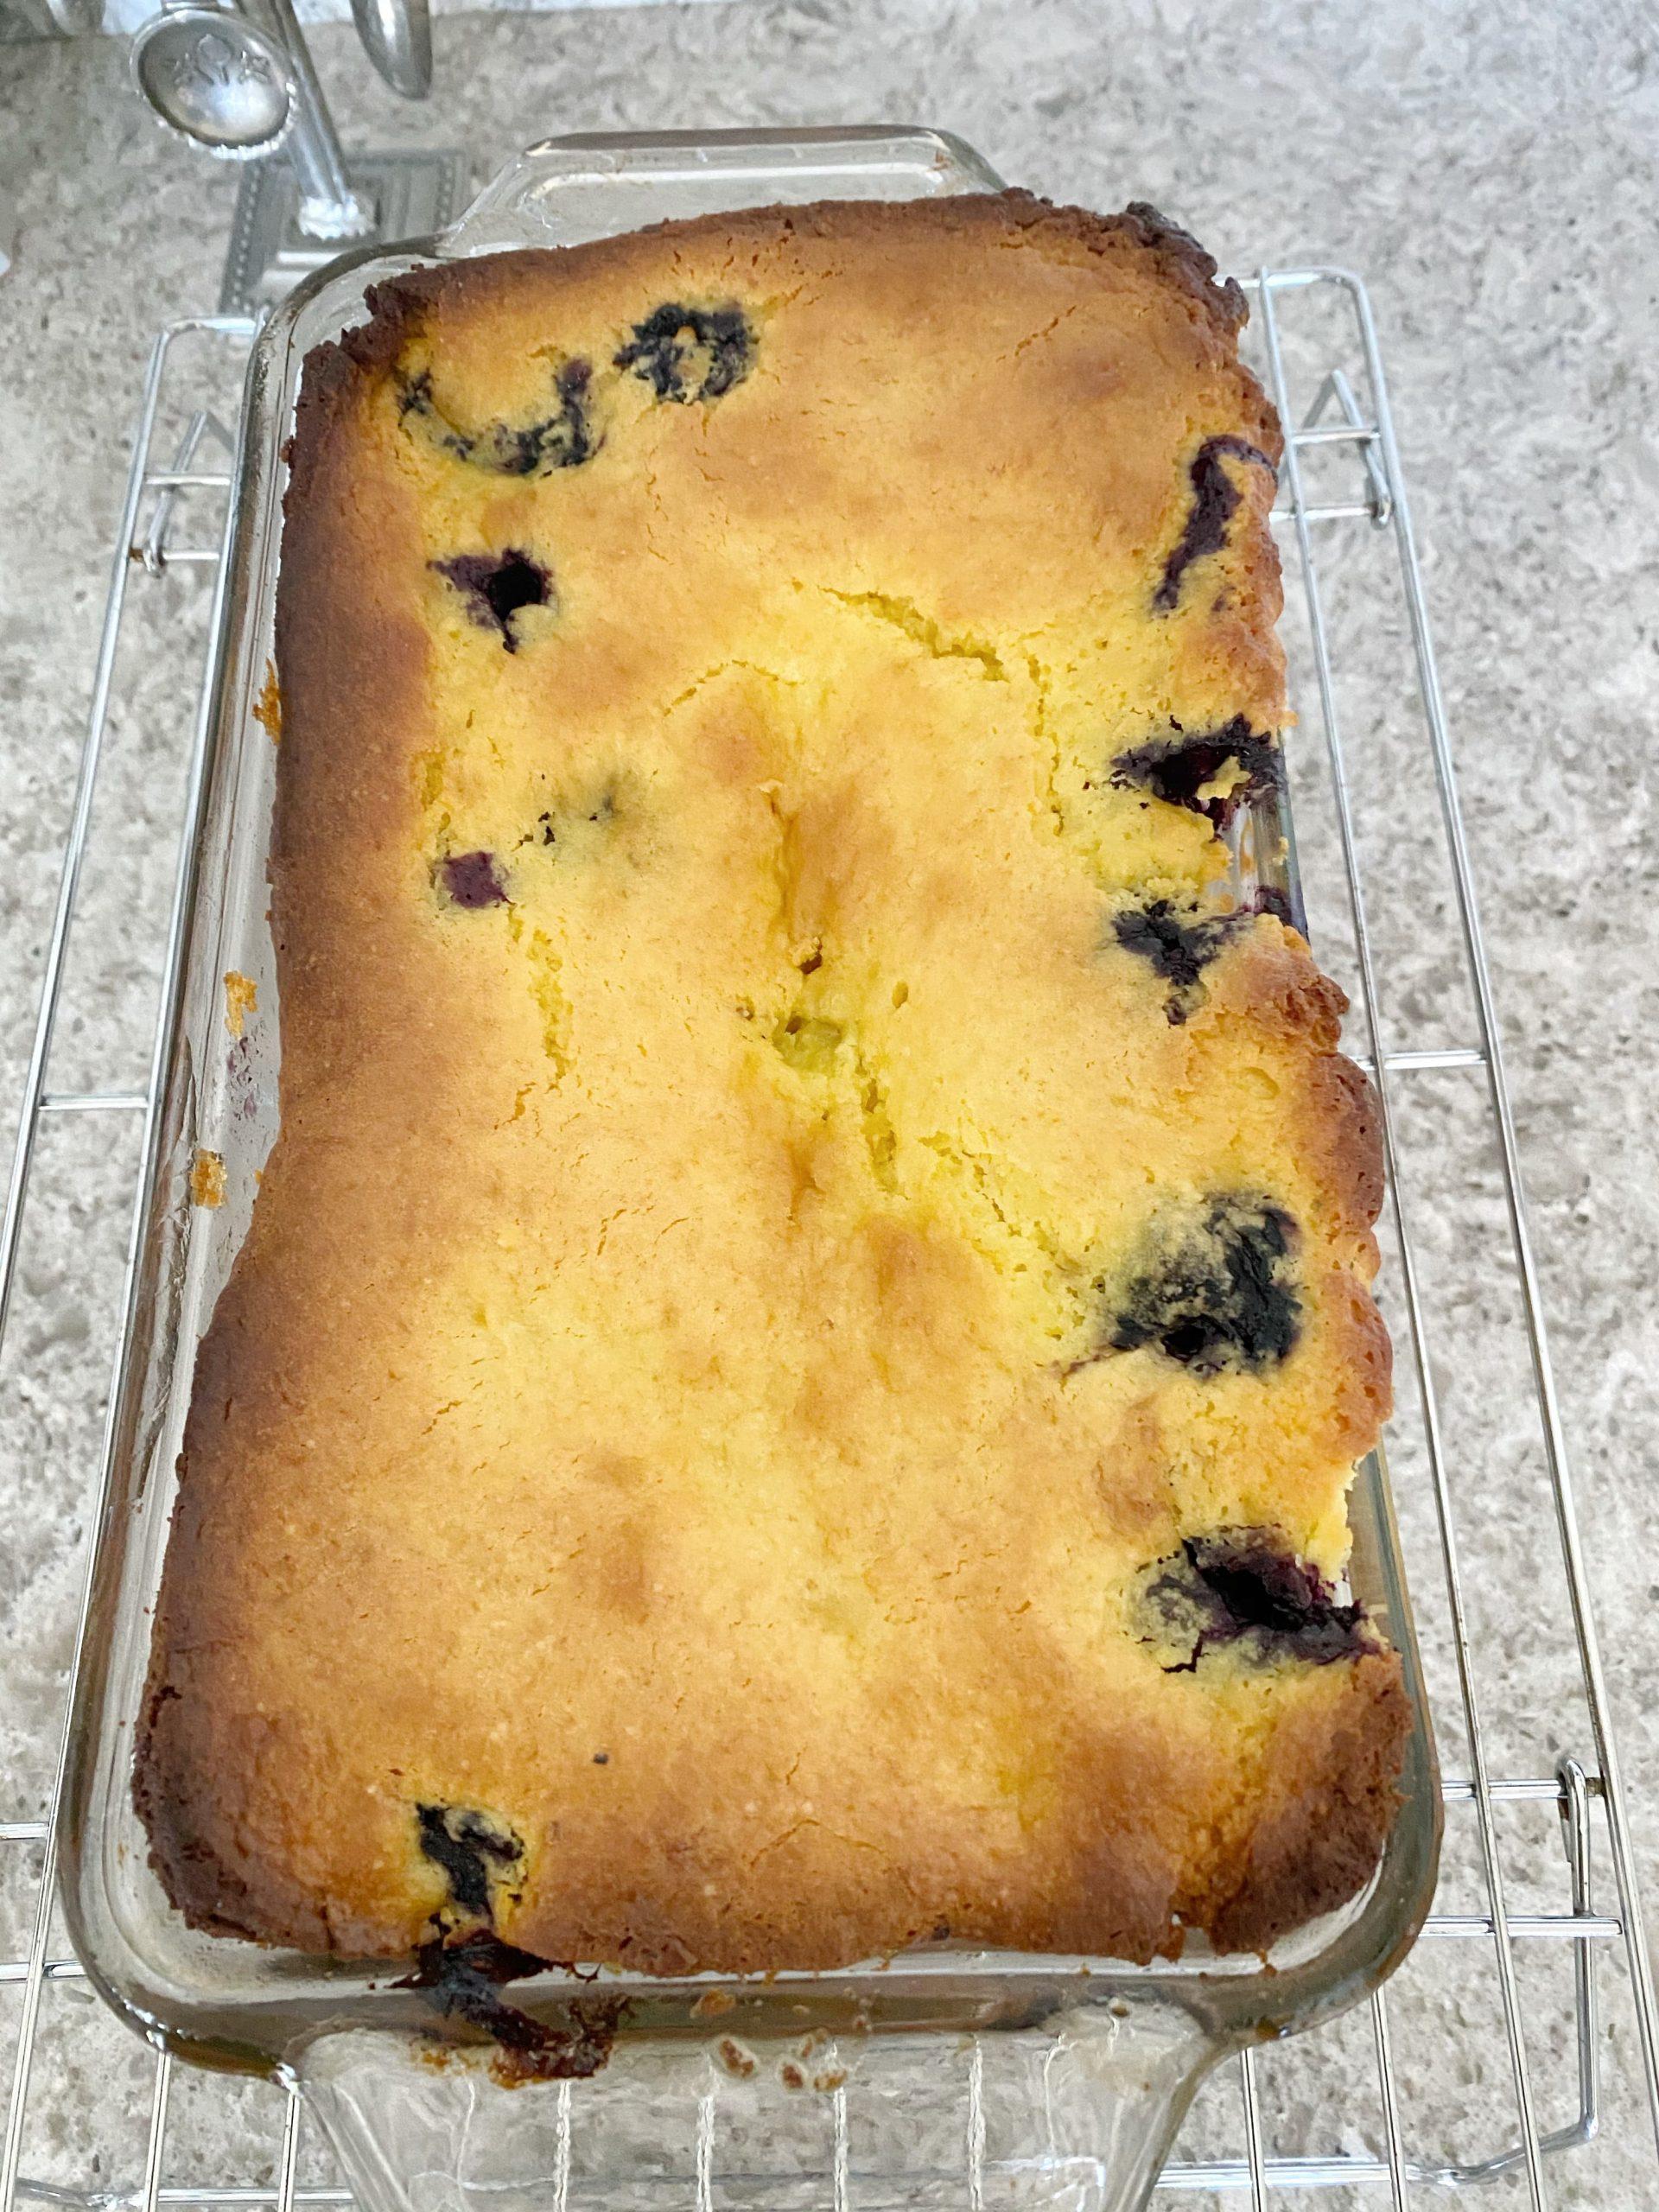 Easy Lemon Blueberry Cake Loaf on cooling rack